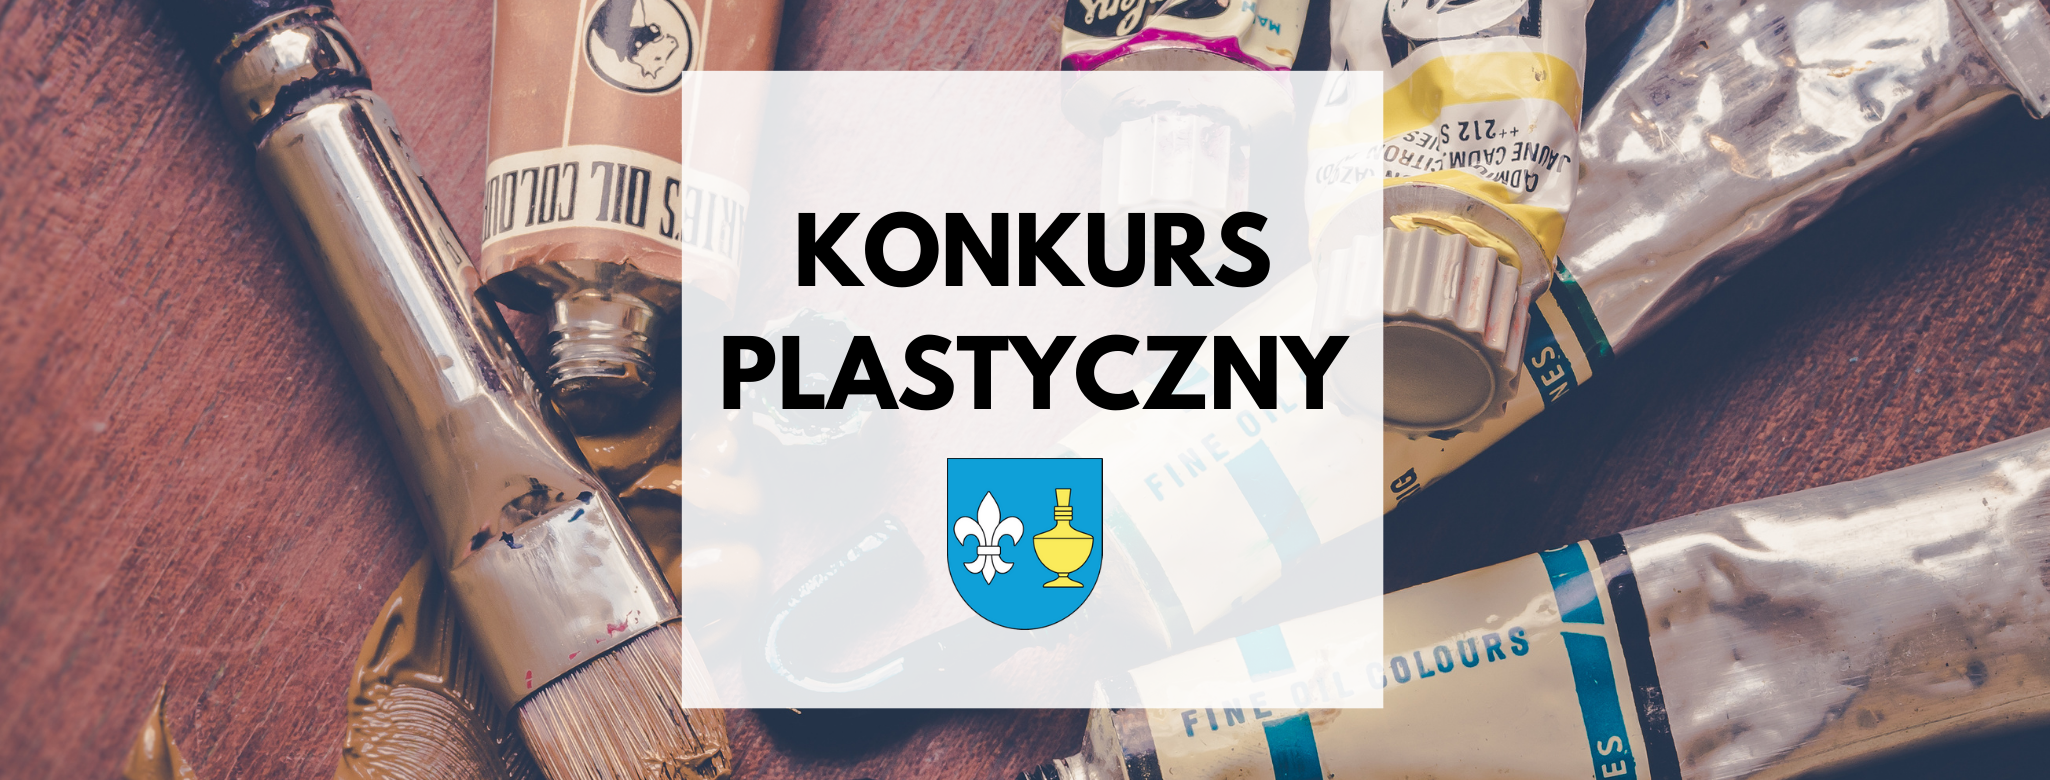 nagłówek graficzny o treści: konkurs plastyczny, grafika w tle: pędzel, tubki z farbami. dodatkowa grafika: herb gminy Koczała